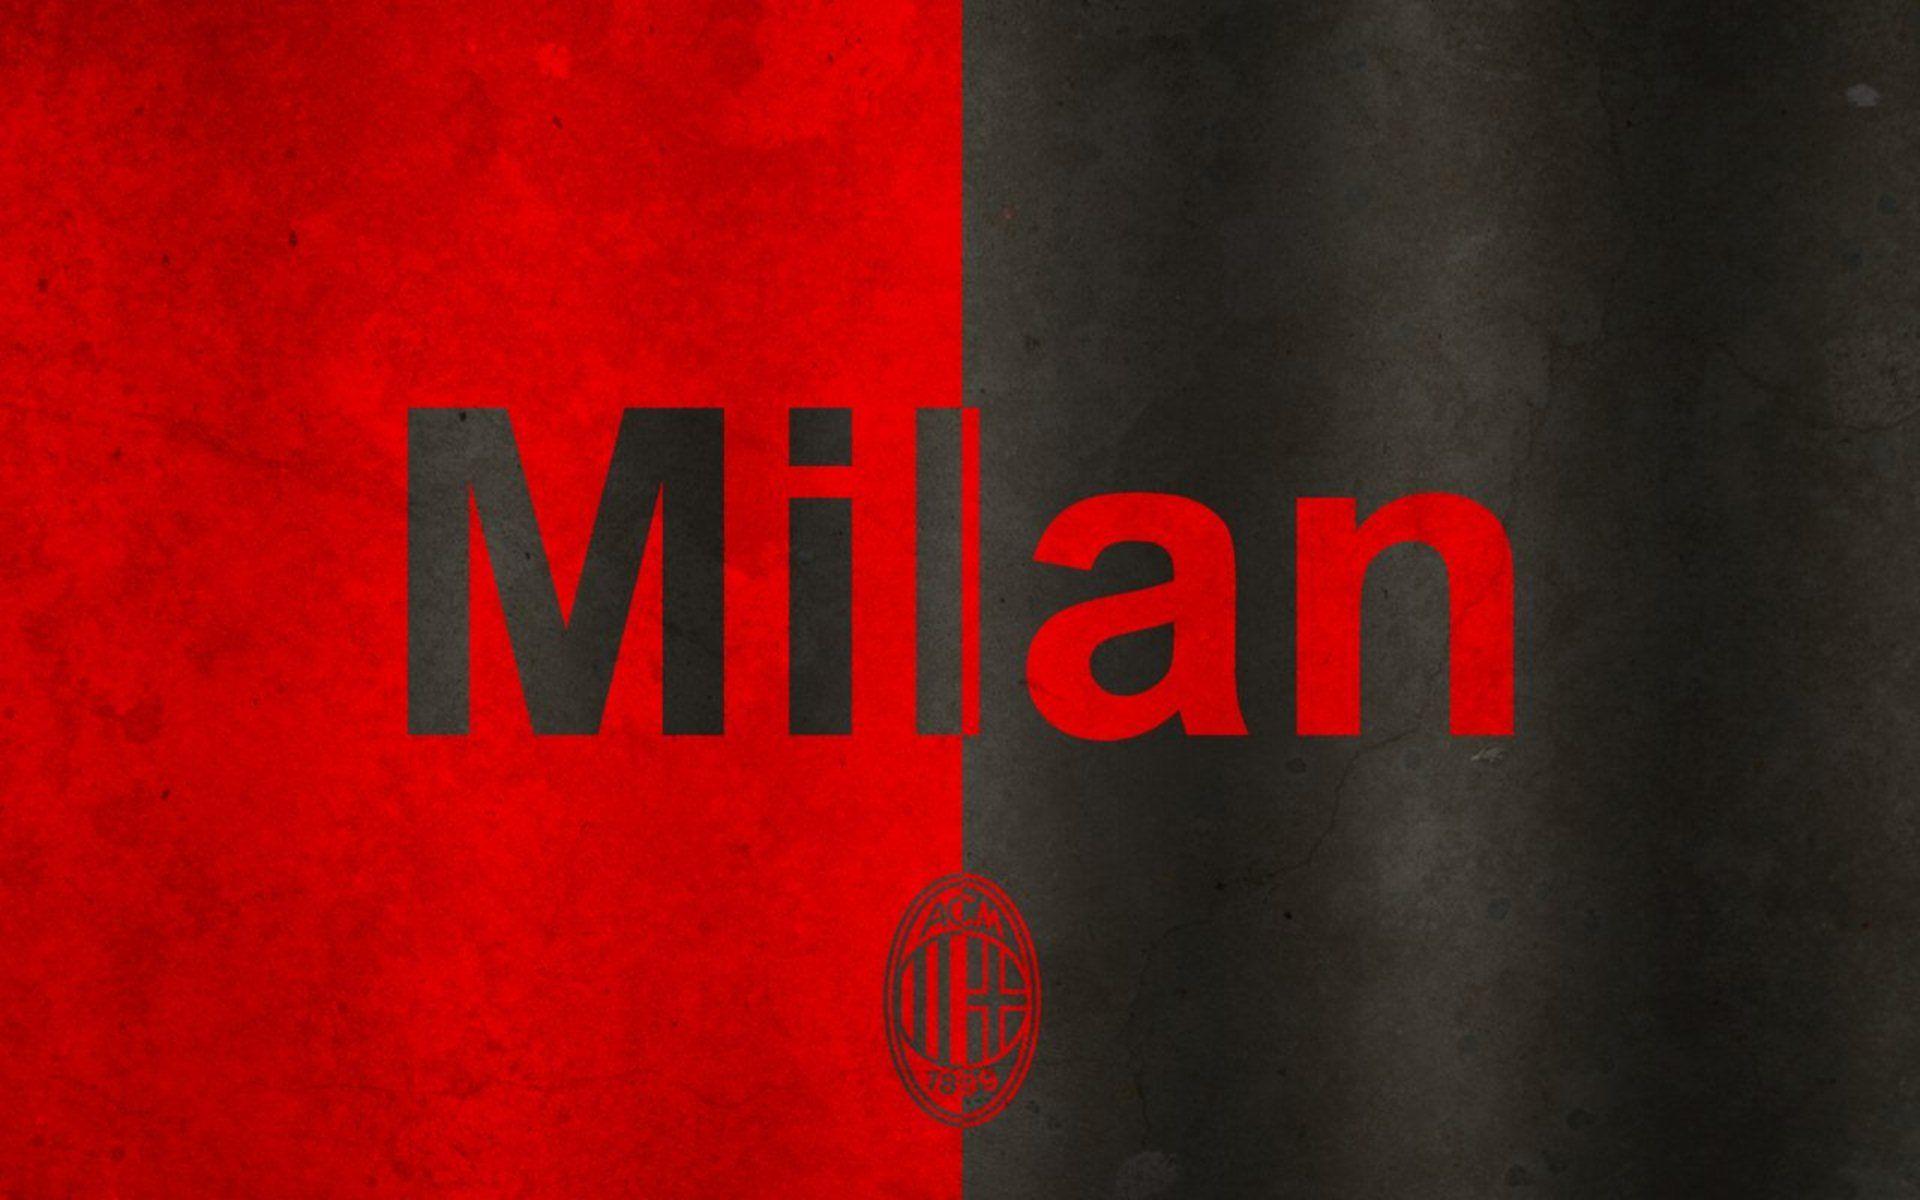 Red And Black Ac Milan Logo Wallpaper Hd 10060 Wallpaper Milan Wallpaper Ac Milan Logo Wallpaper Hd